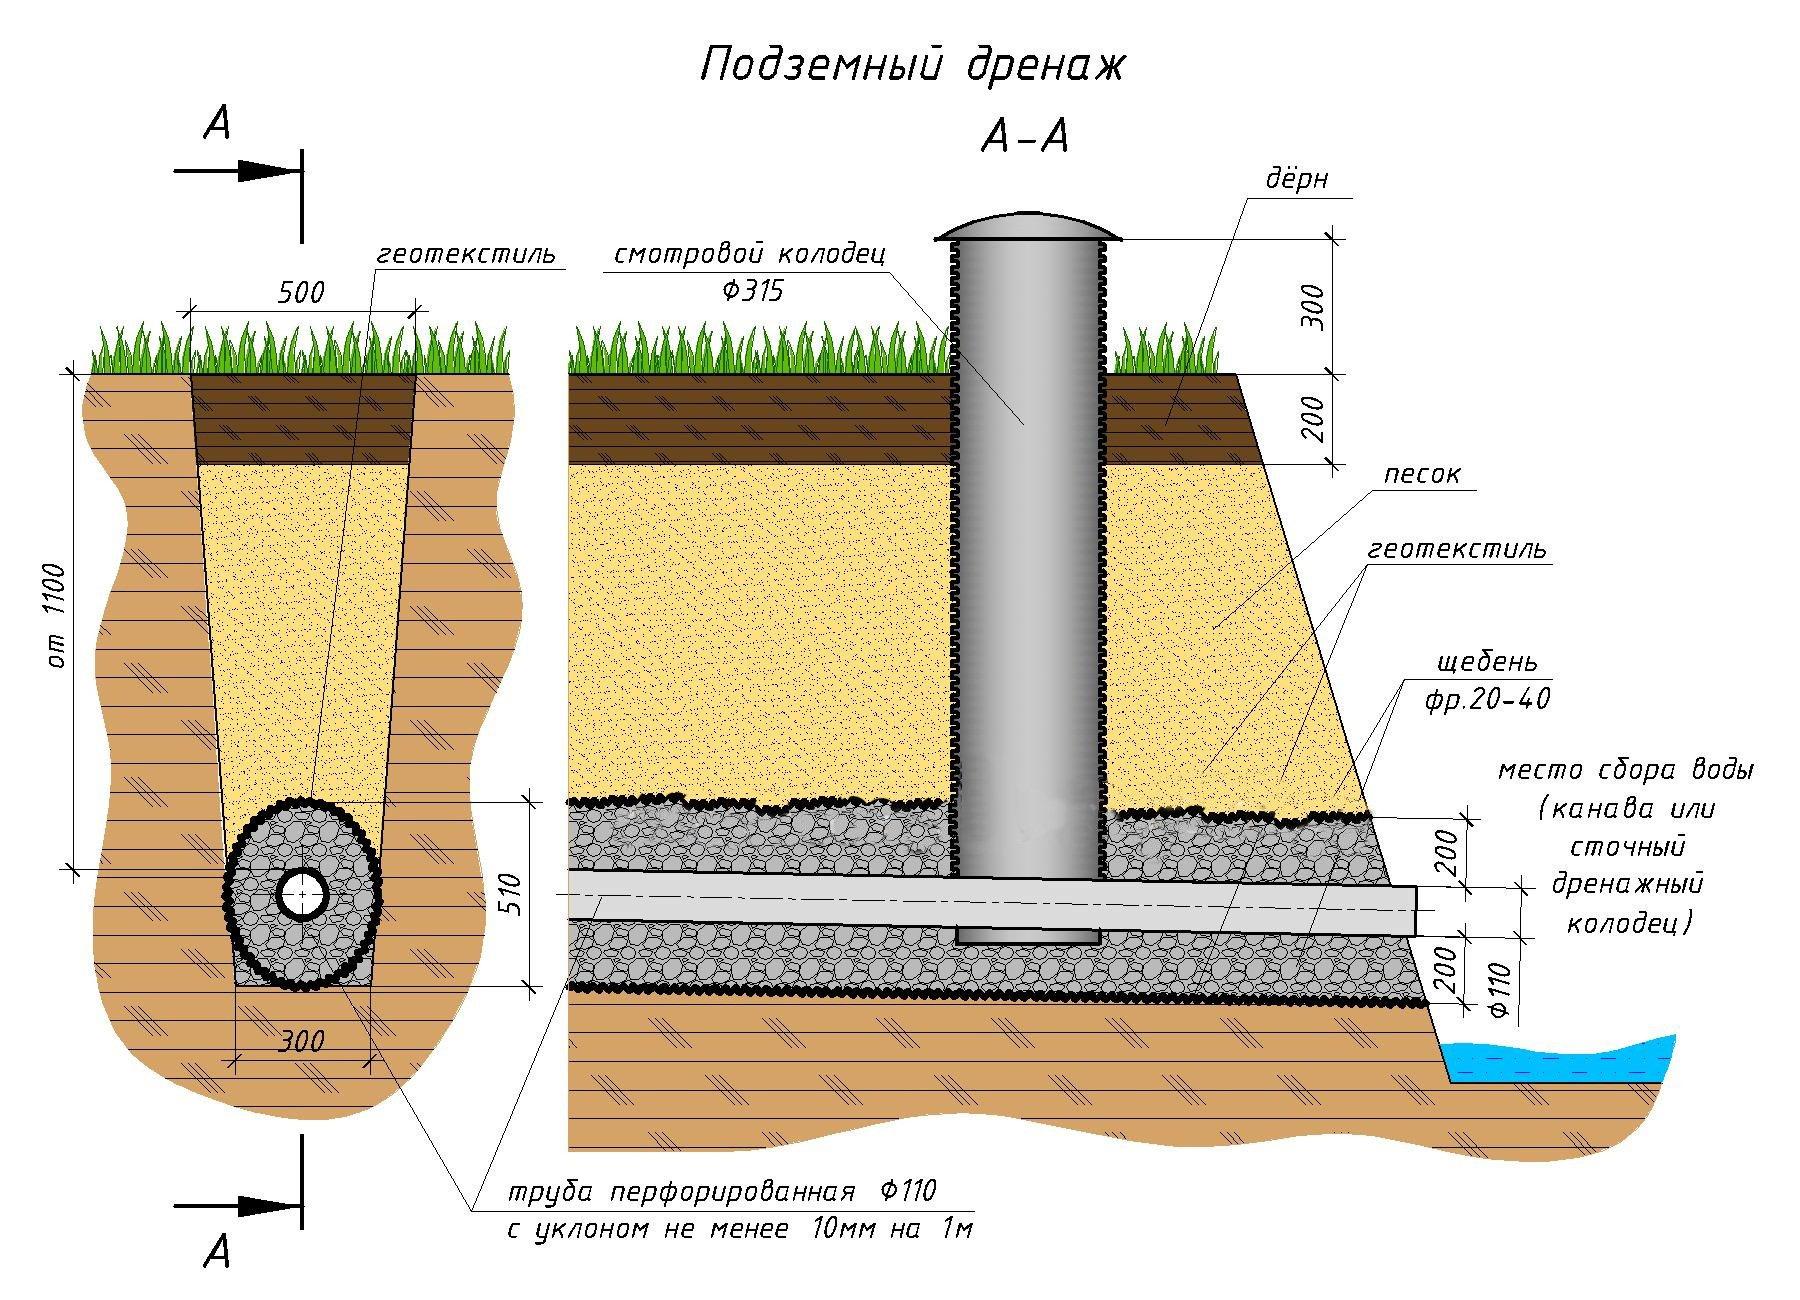 Геометрические элементы схемы